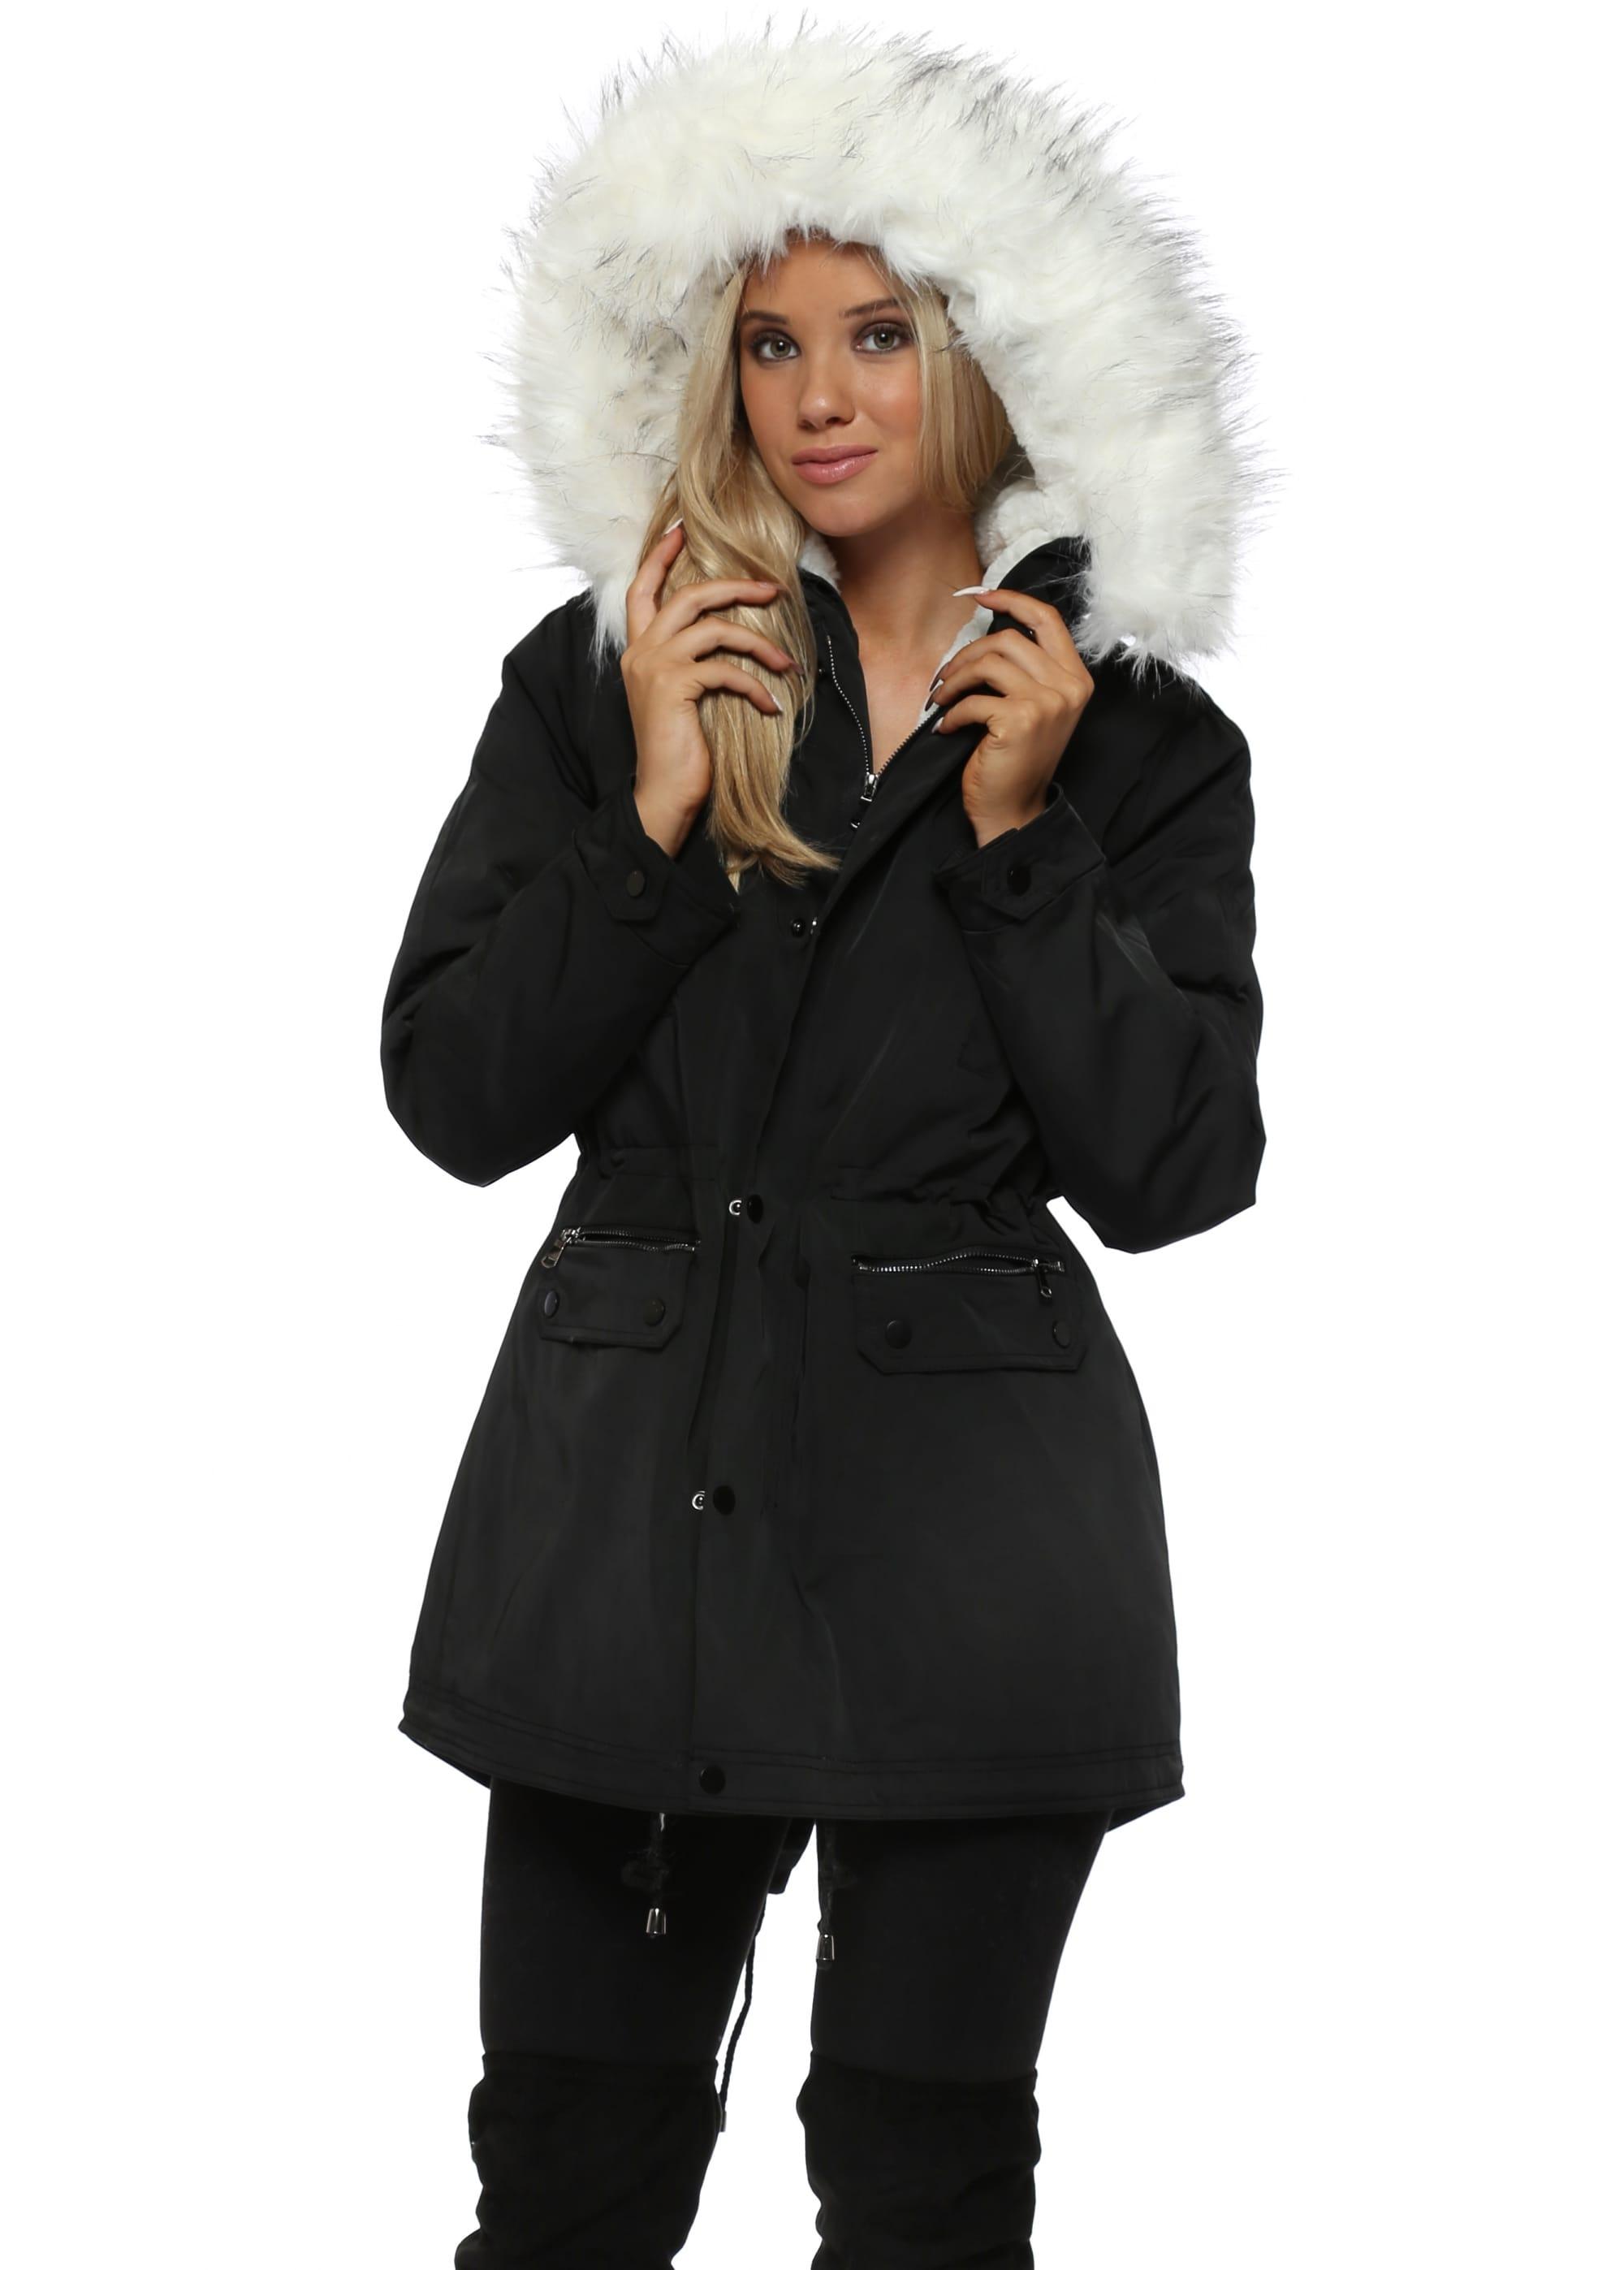 b2837f5c0953 Black Faux Fur Hooded Parka Coat - Drole De Copine